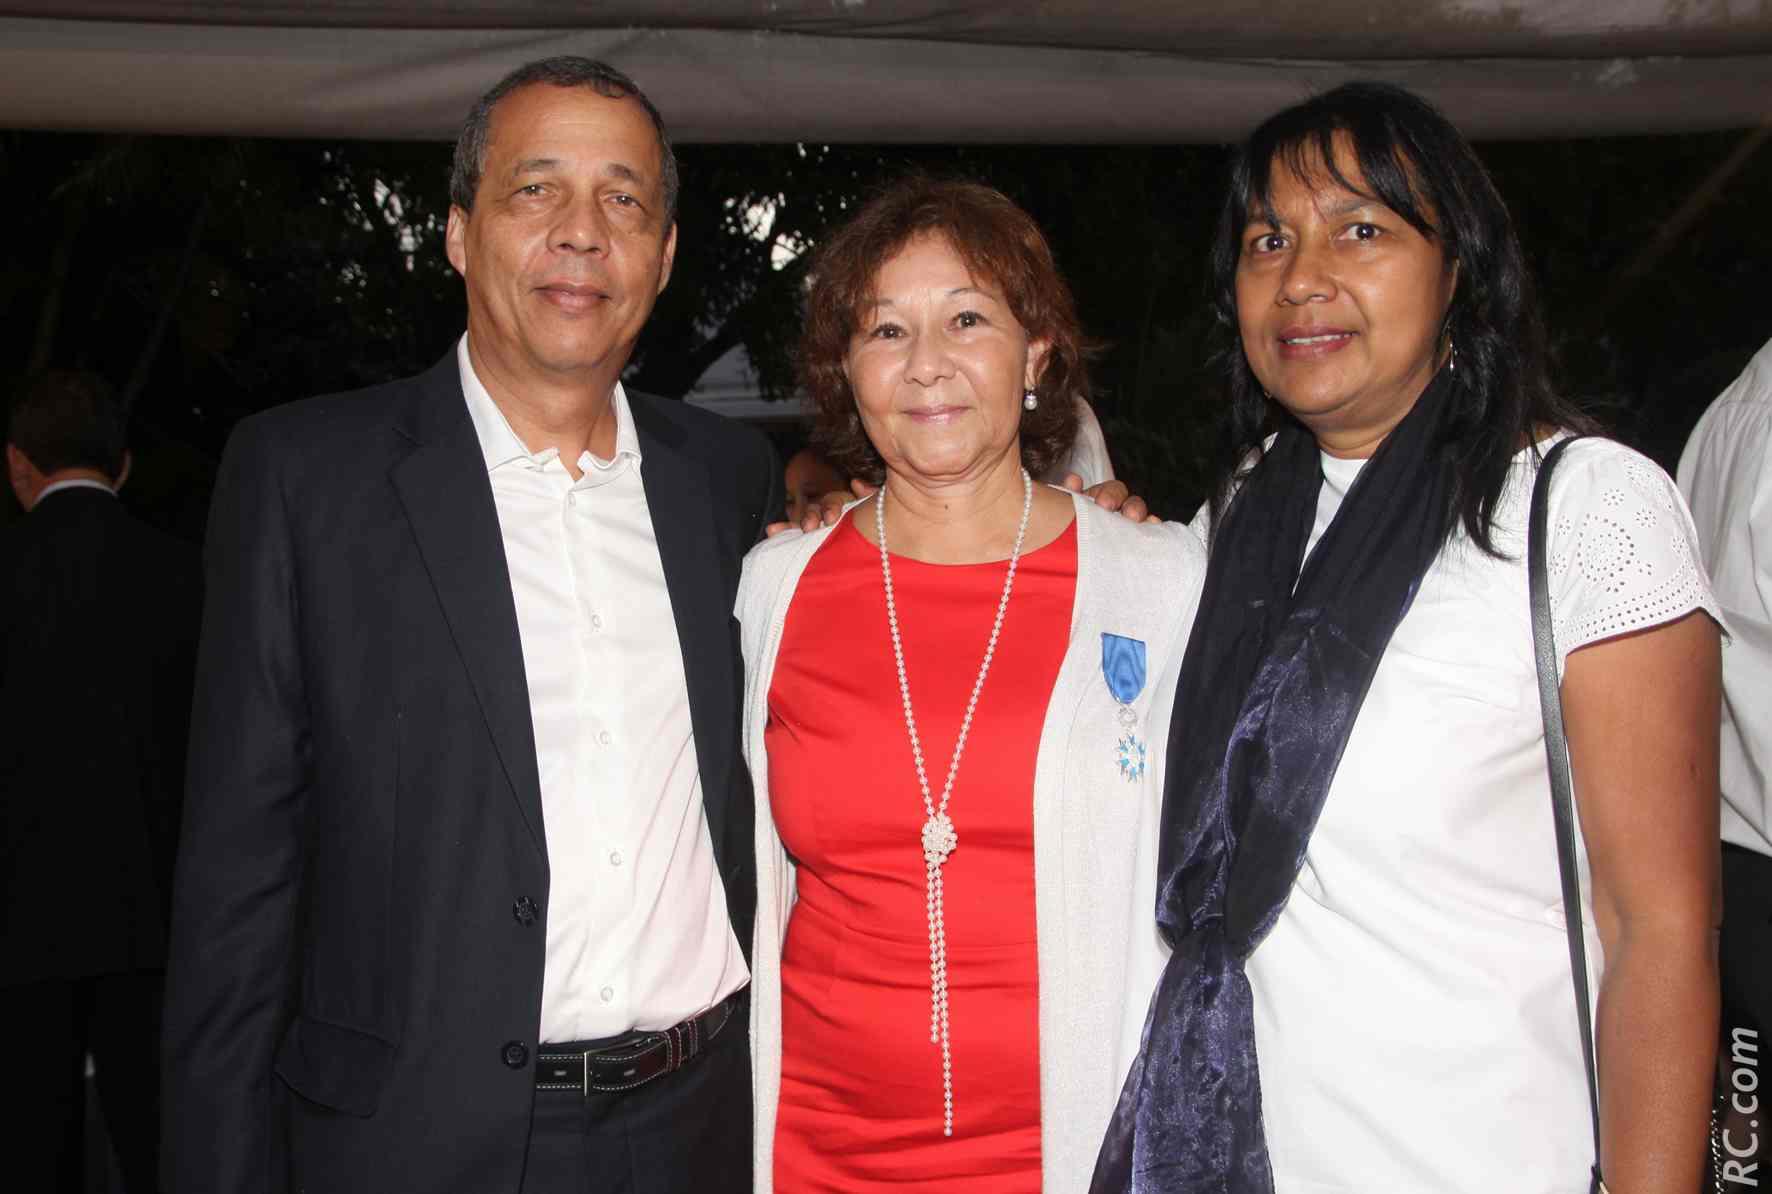 Avec Yves Lanave, contrôleur principal au service des impôts de particuliers à Saint-Paul, et Joëlle Lanave, assistante de direction à l'AAPEJ